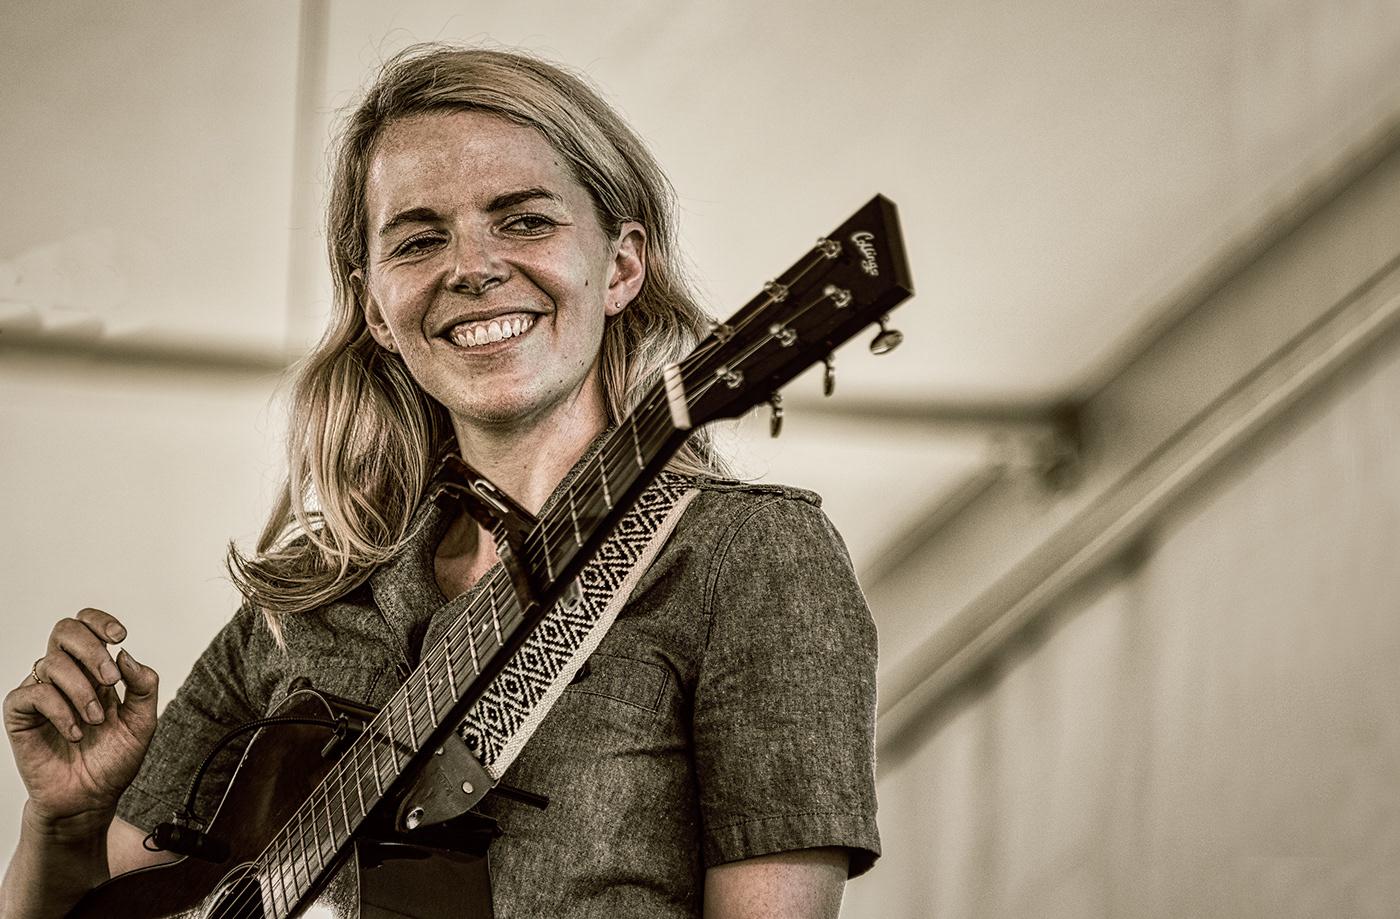 musicians portraits profiles band concert festival guitarist profile Singer